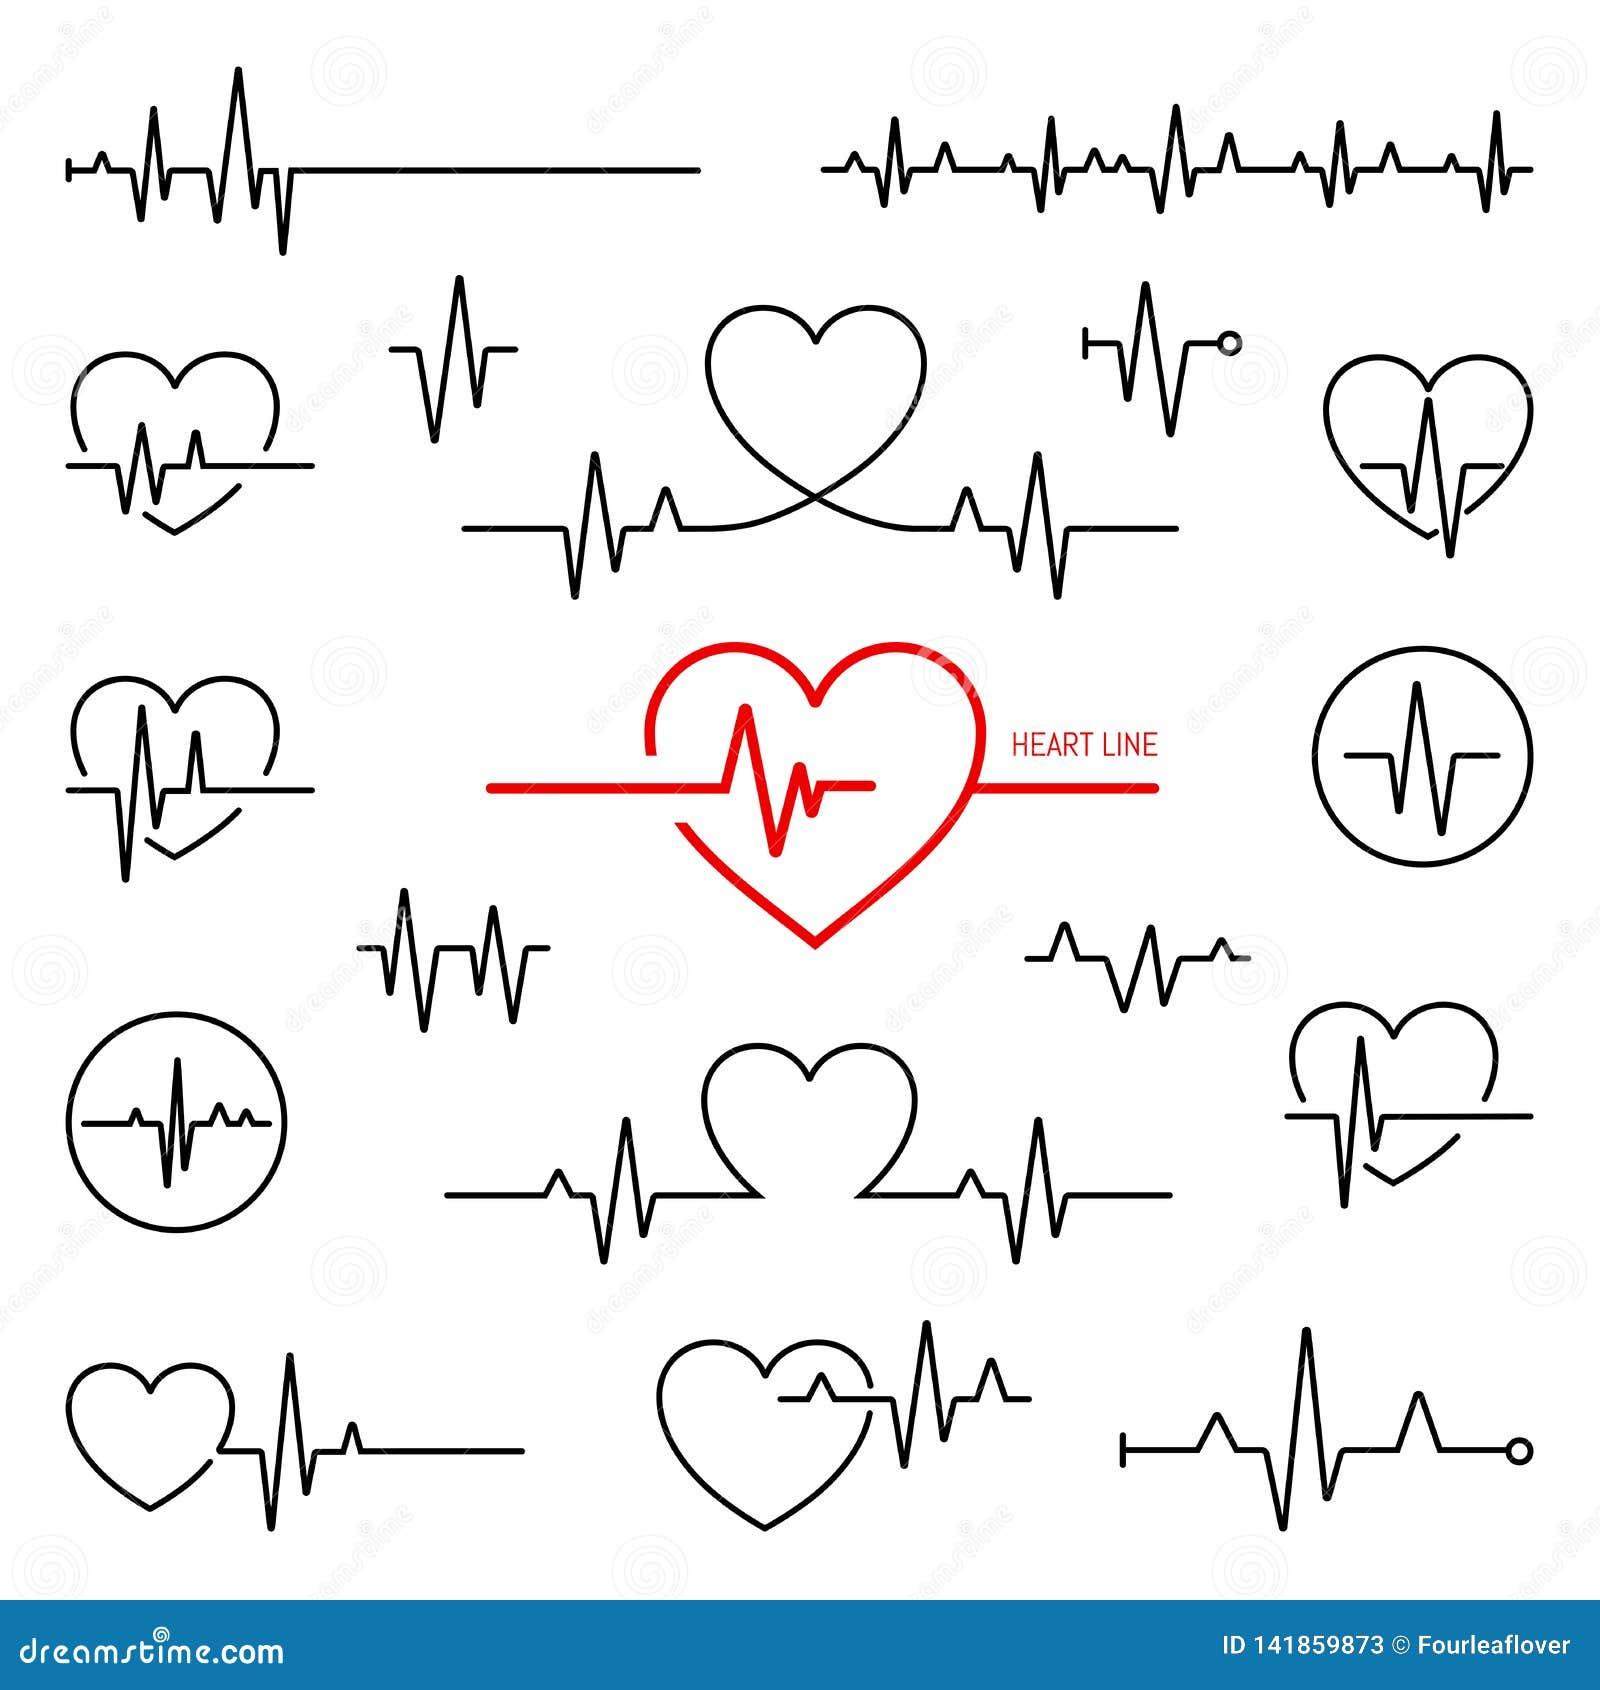 Kierowy rytmu set, elektrokardiogram, ECG - EKG sygnał